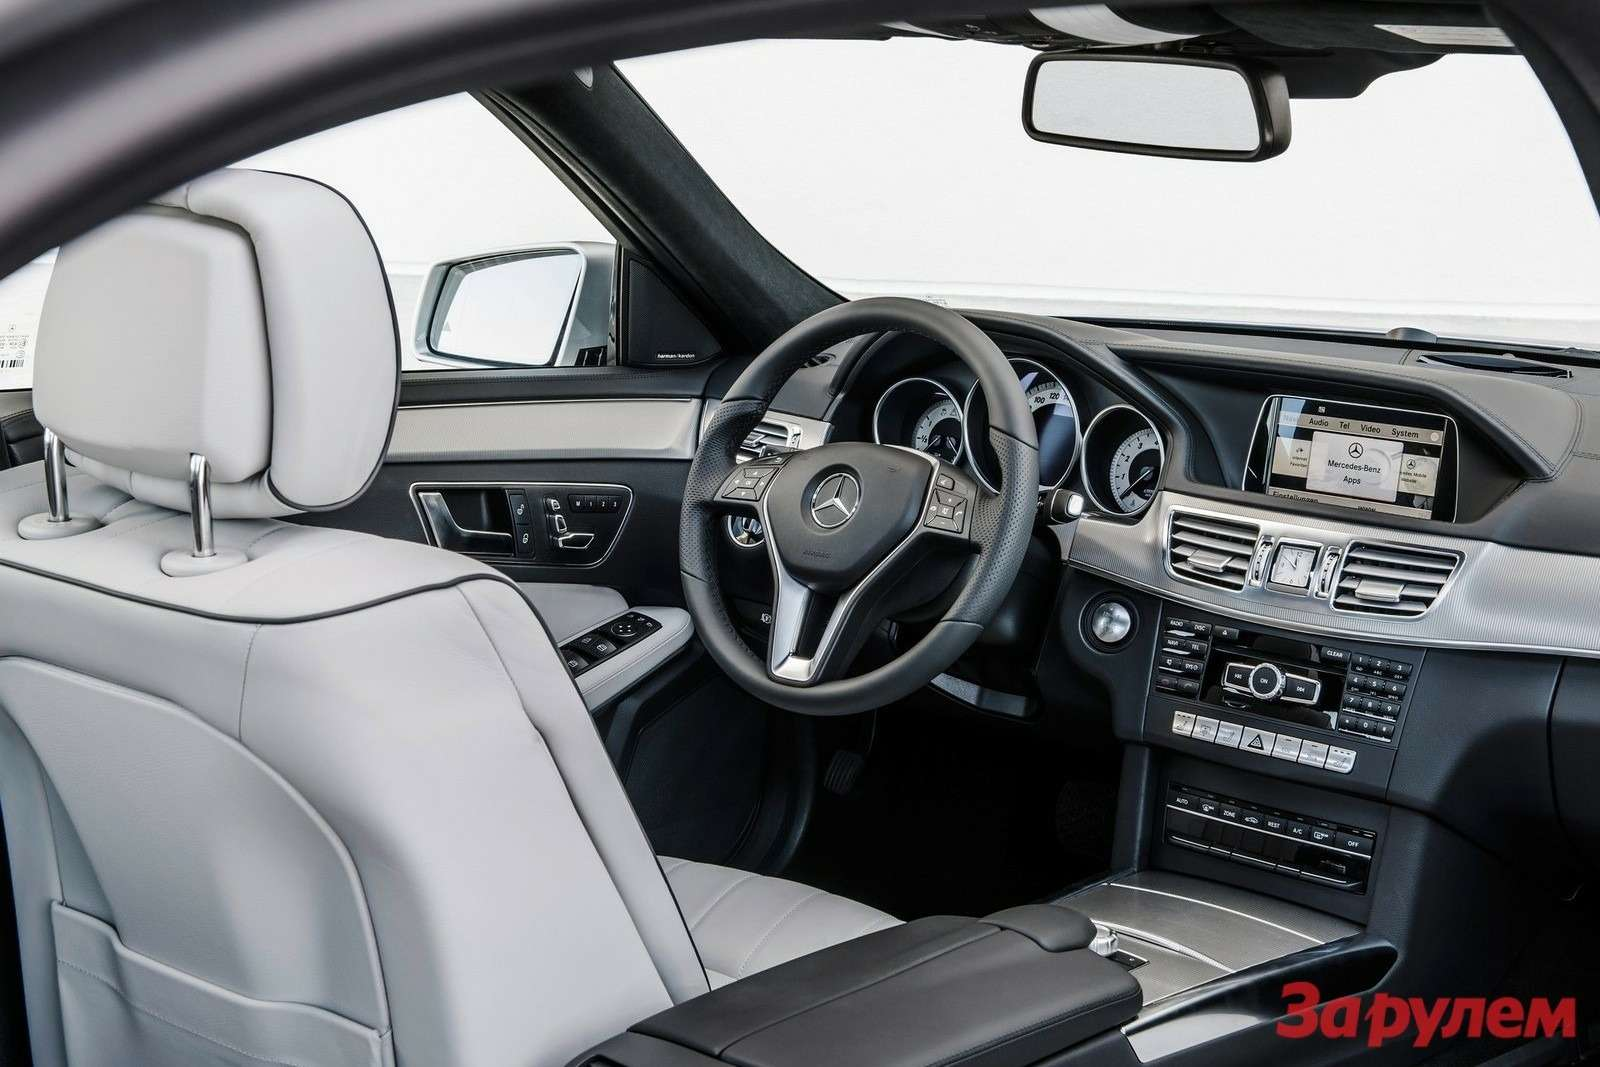 Mercedes-Benz-E-Class_2014_1600x1200_wallpaper_24